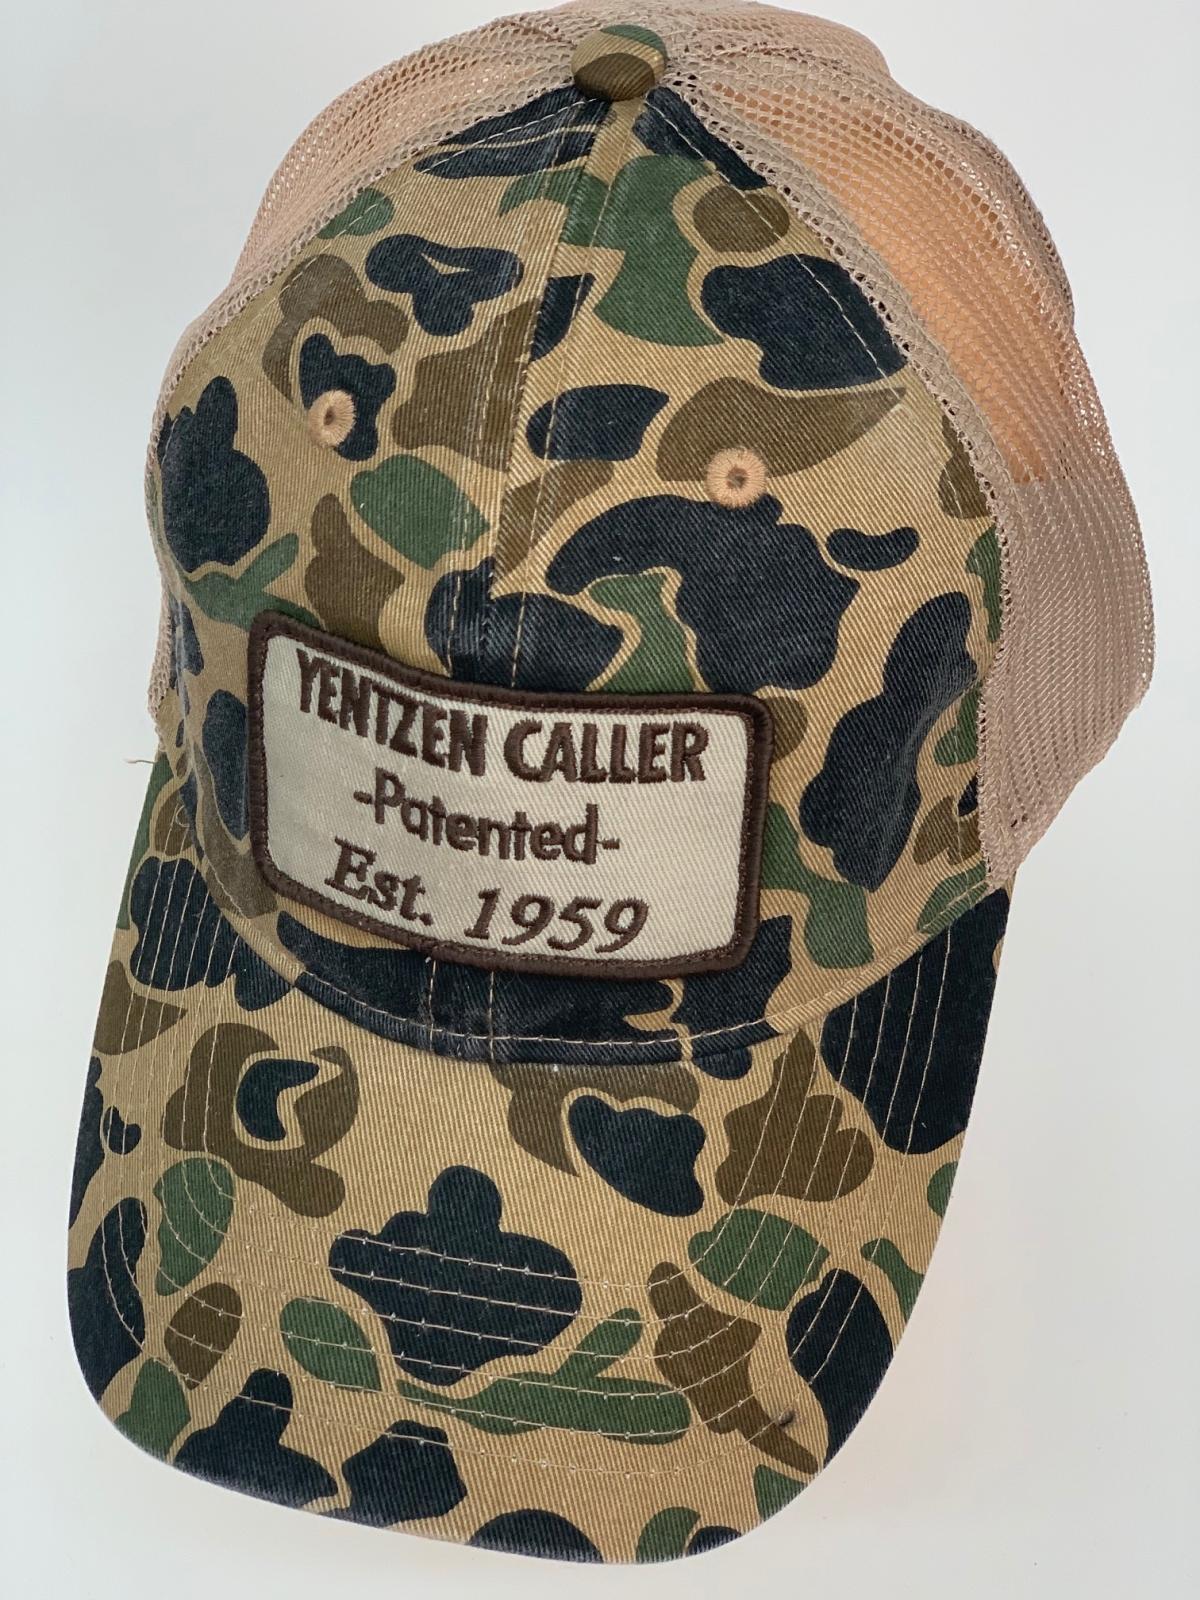 Камуфляжная бейсболка Yentzen Caller с бежевой сеткой